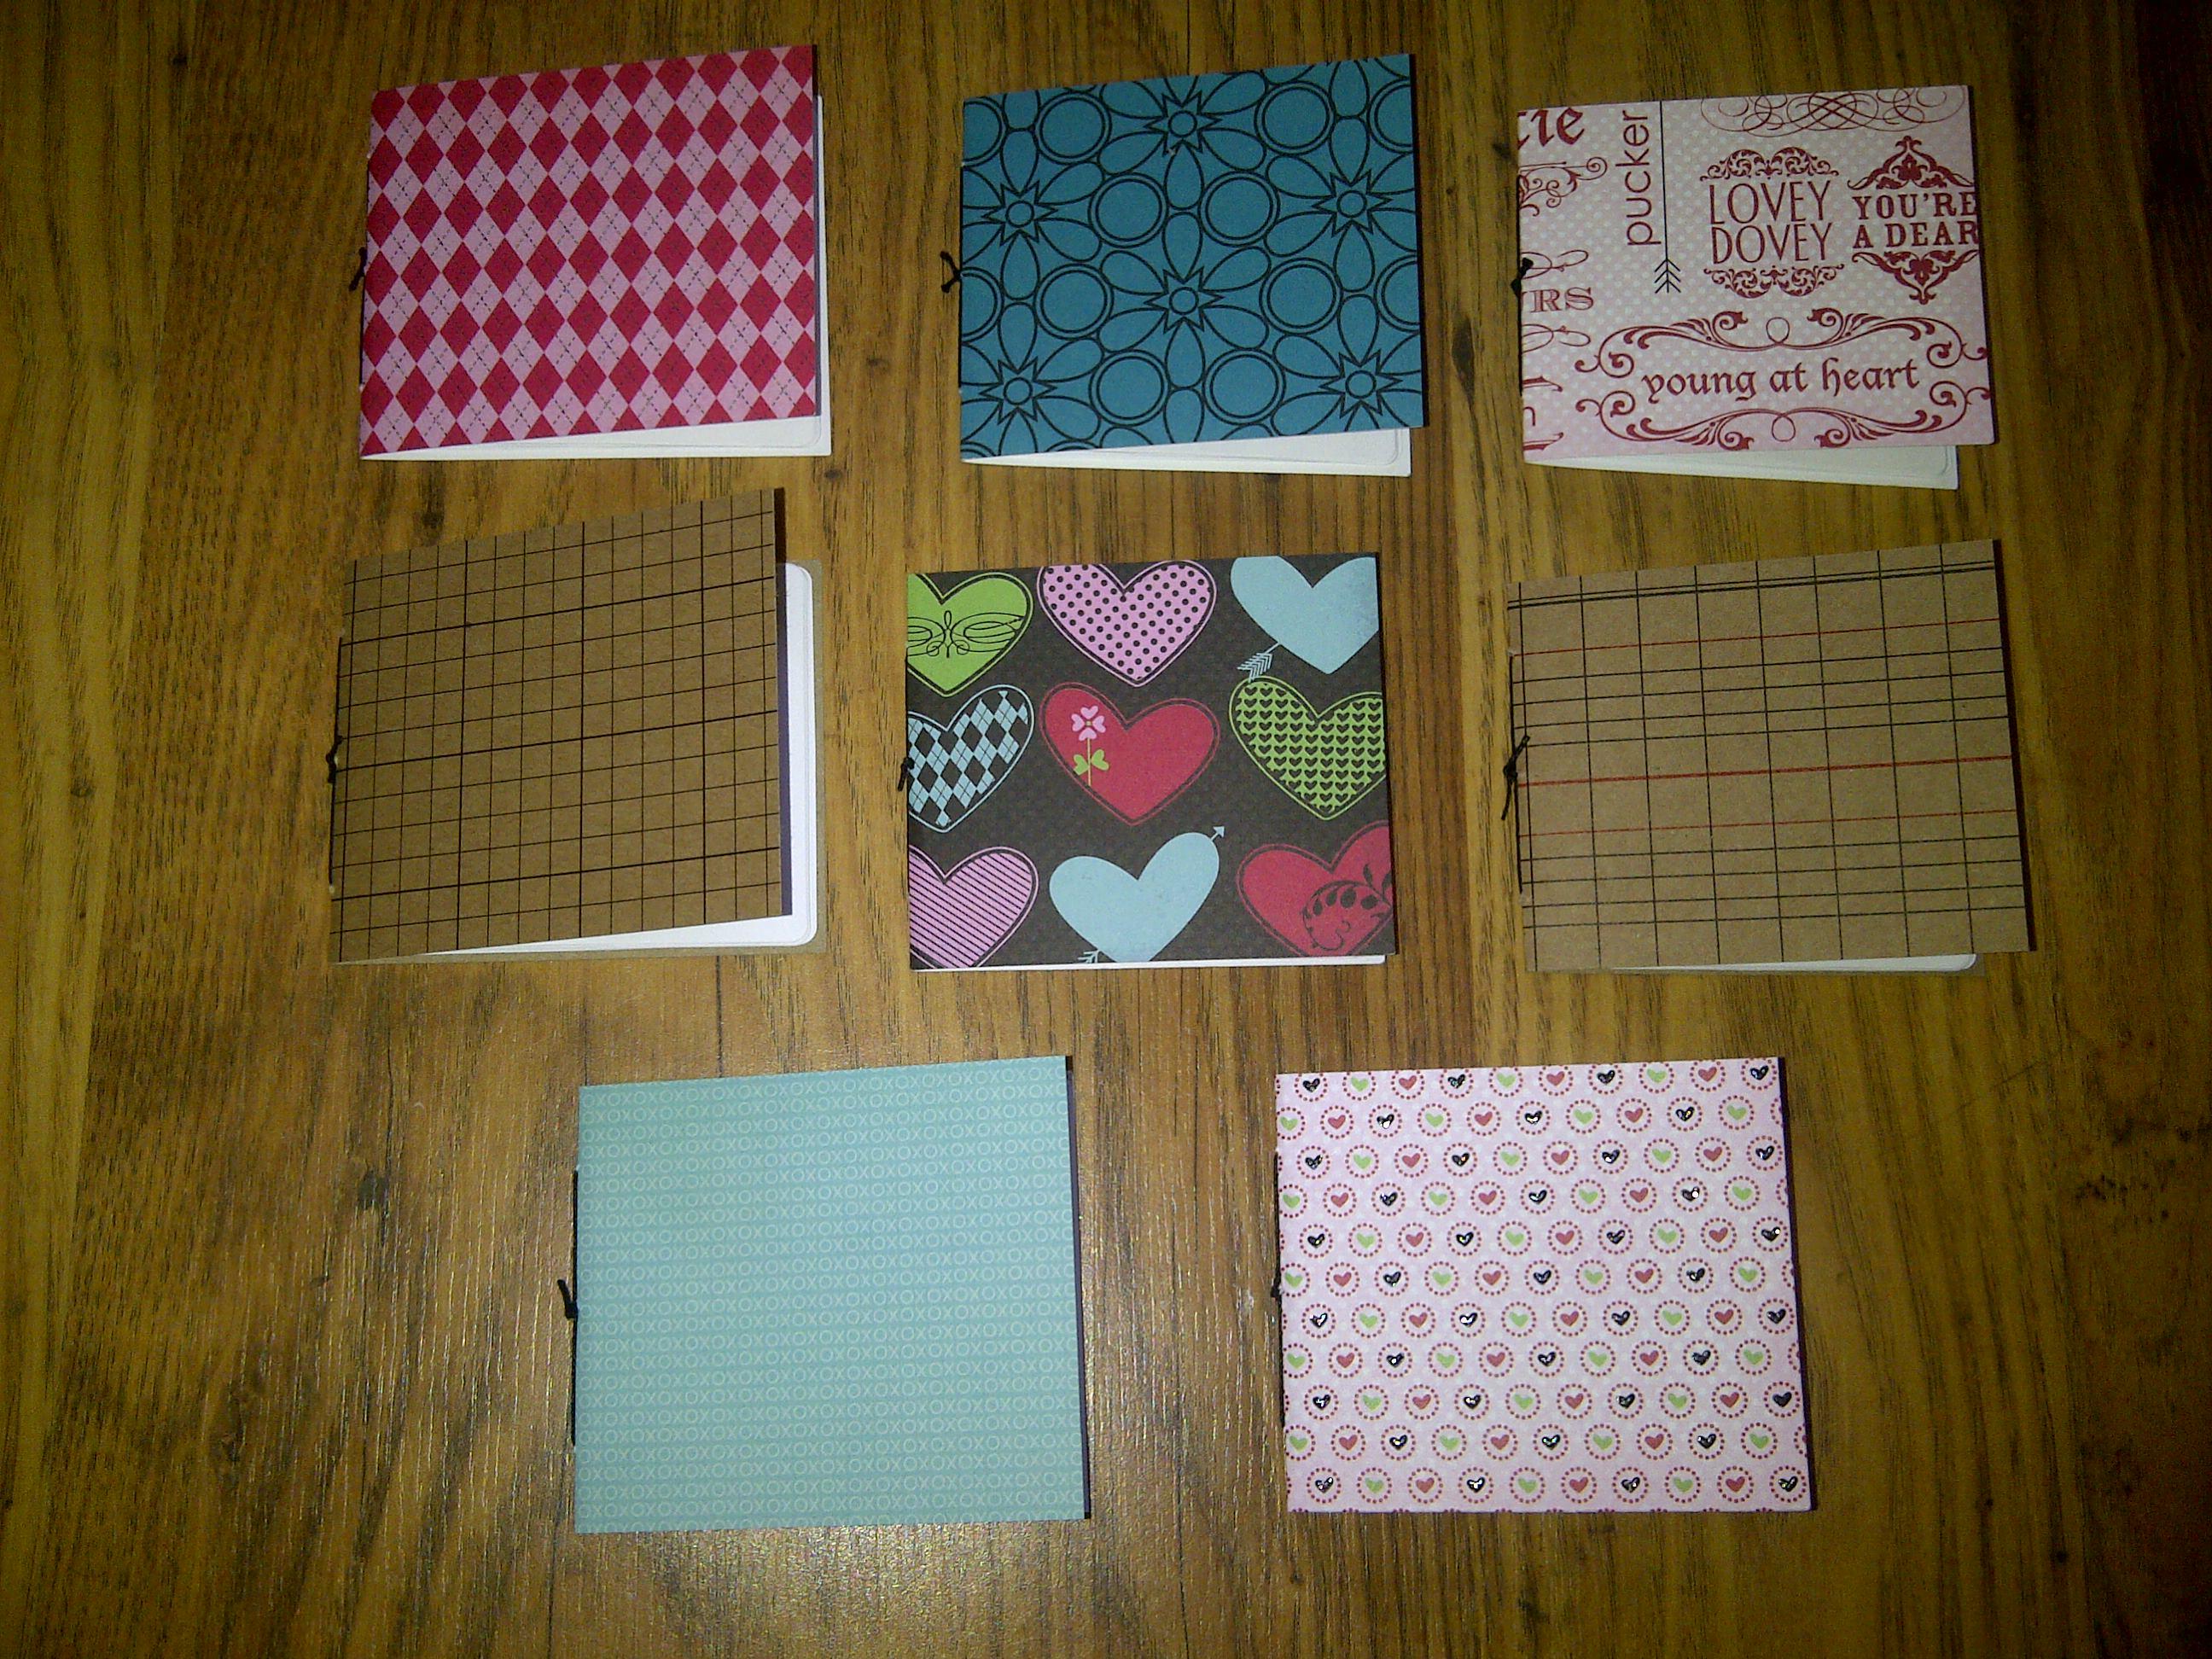 Mini pamphlet notebooks